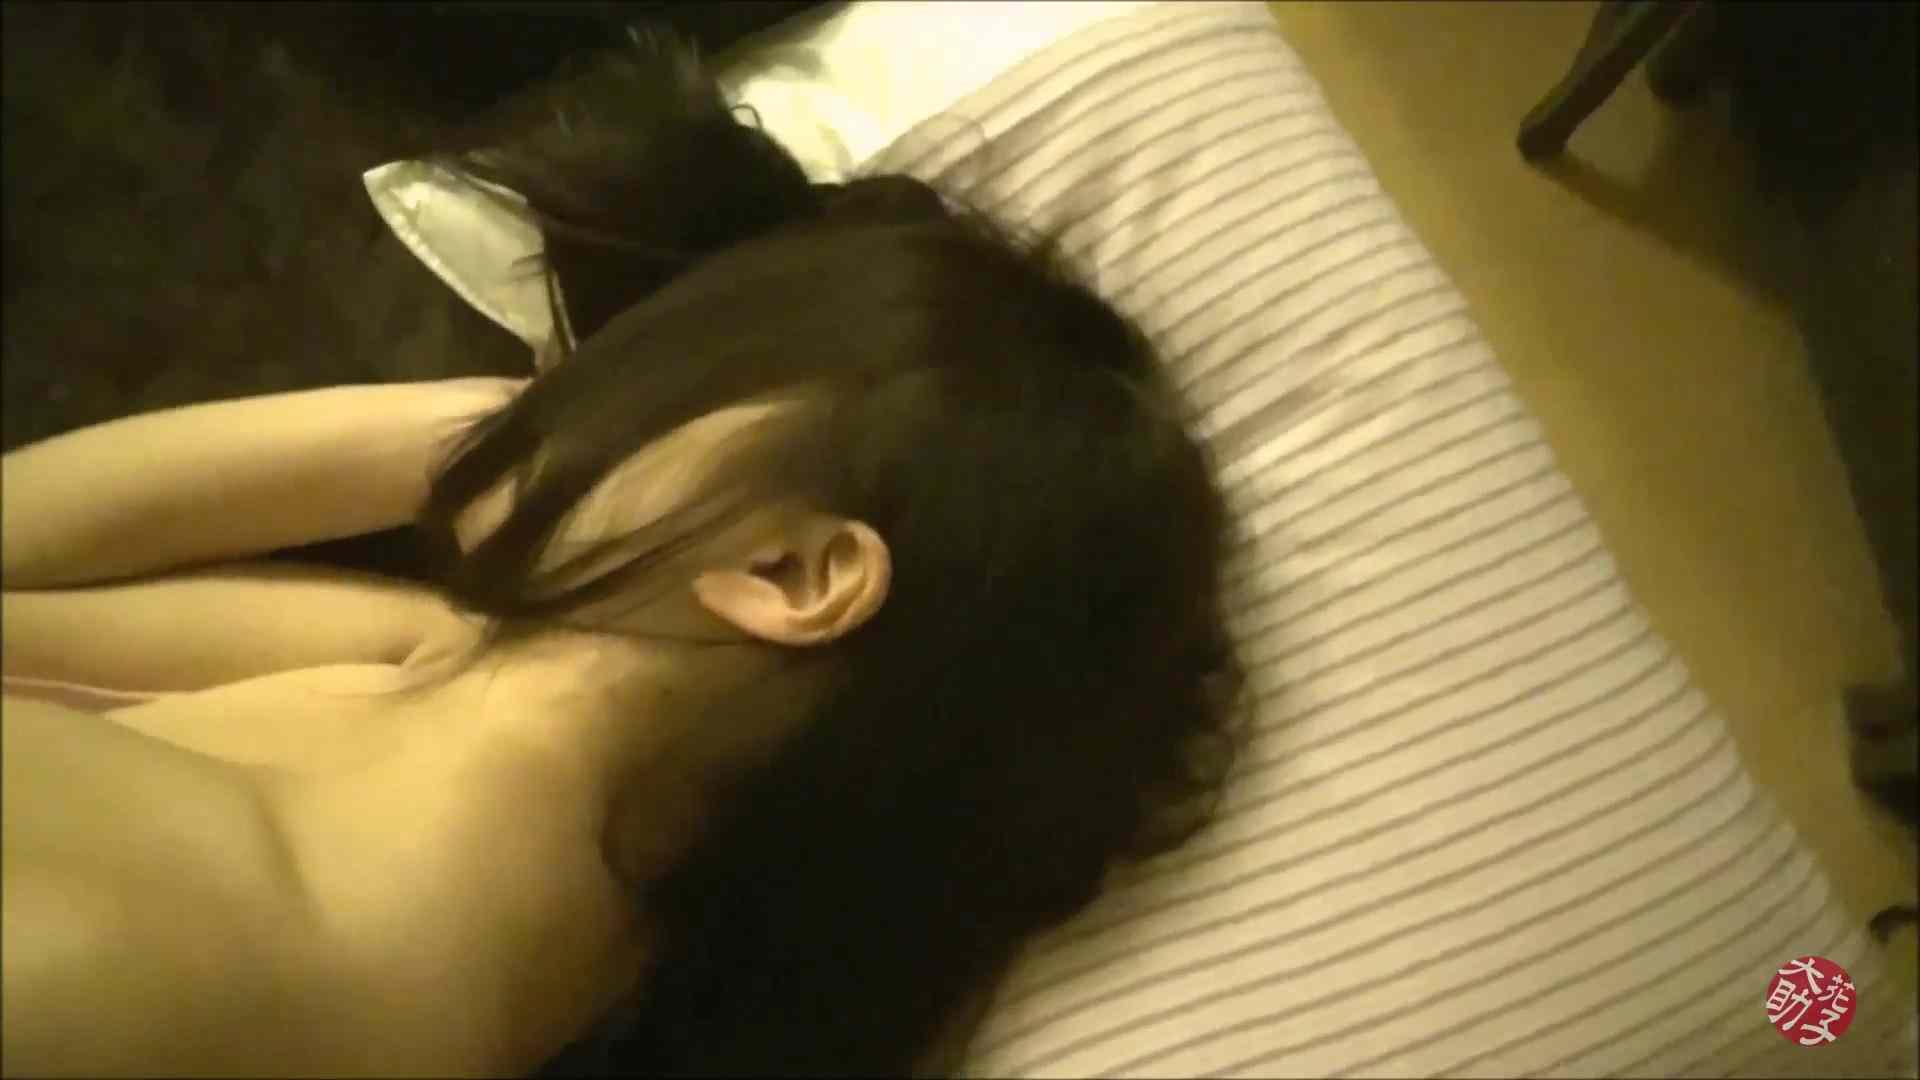 【未公開】vol.110 {黒髪Fカップ炉利}フミカちゃん① 美肌  96PIX 45